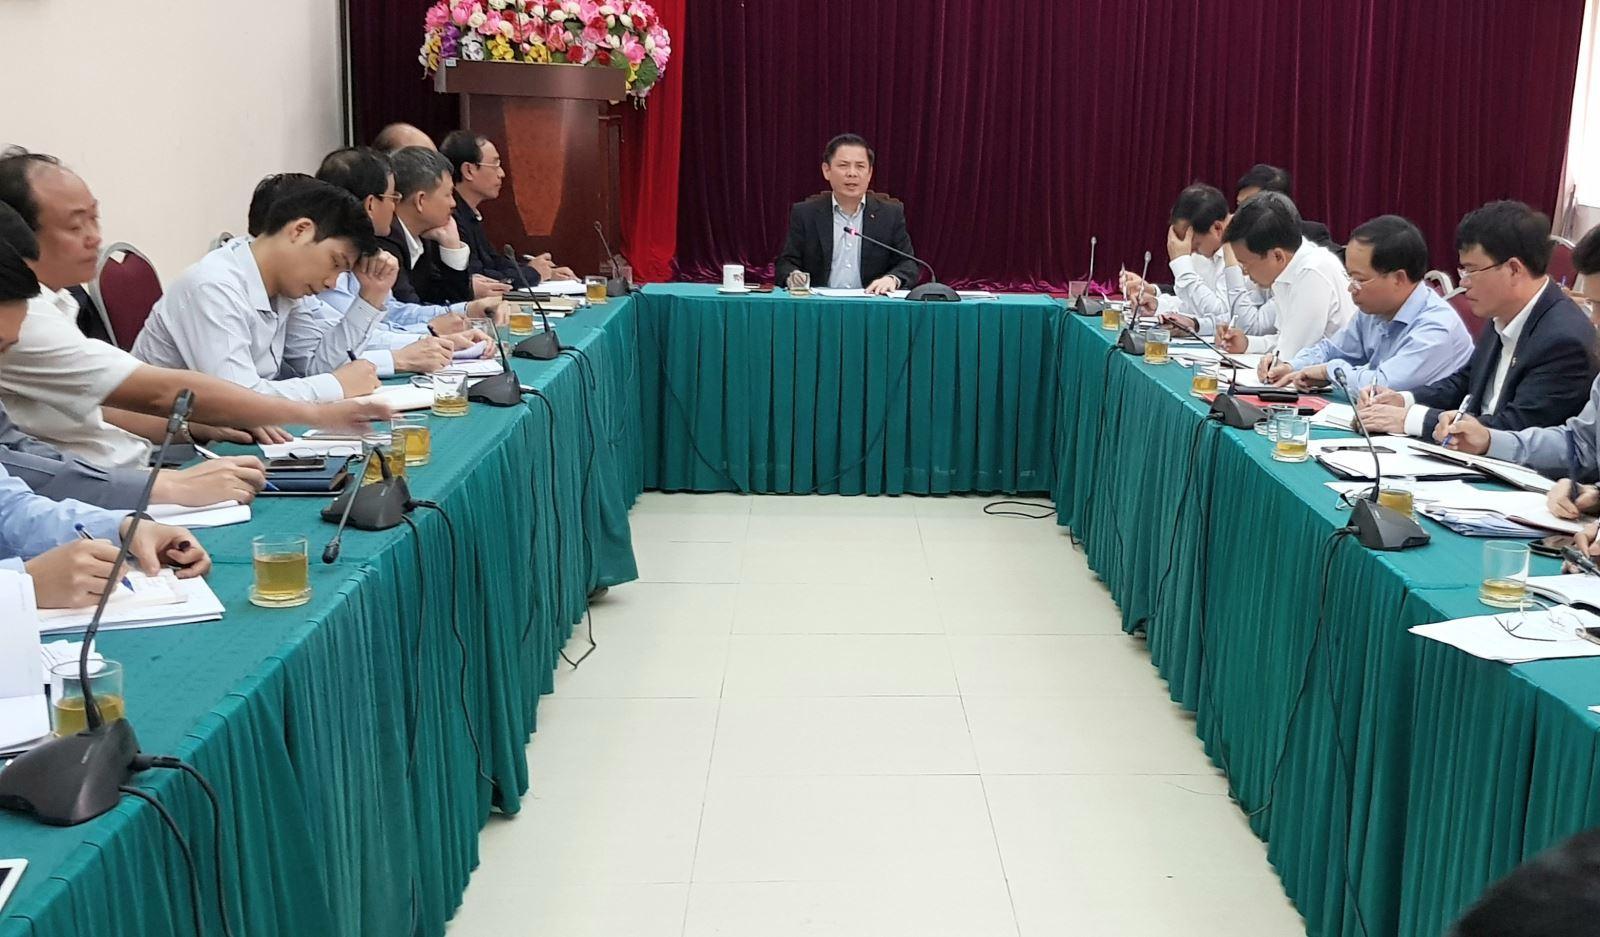 Bộ trưởng Nguyễn Văn Thể: Không có 'xin - cho' trong giao dự án lớn